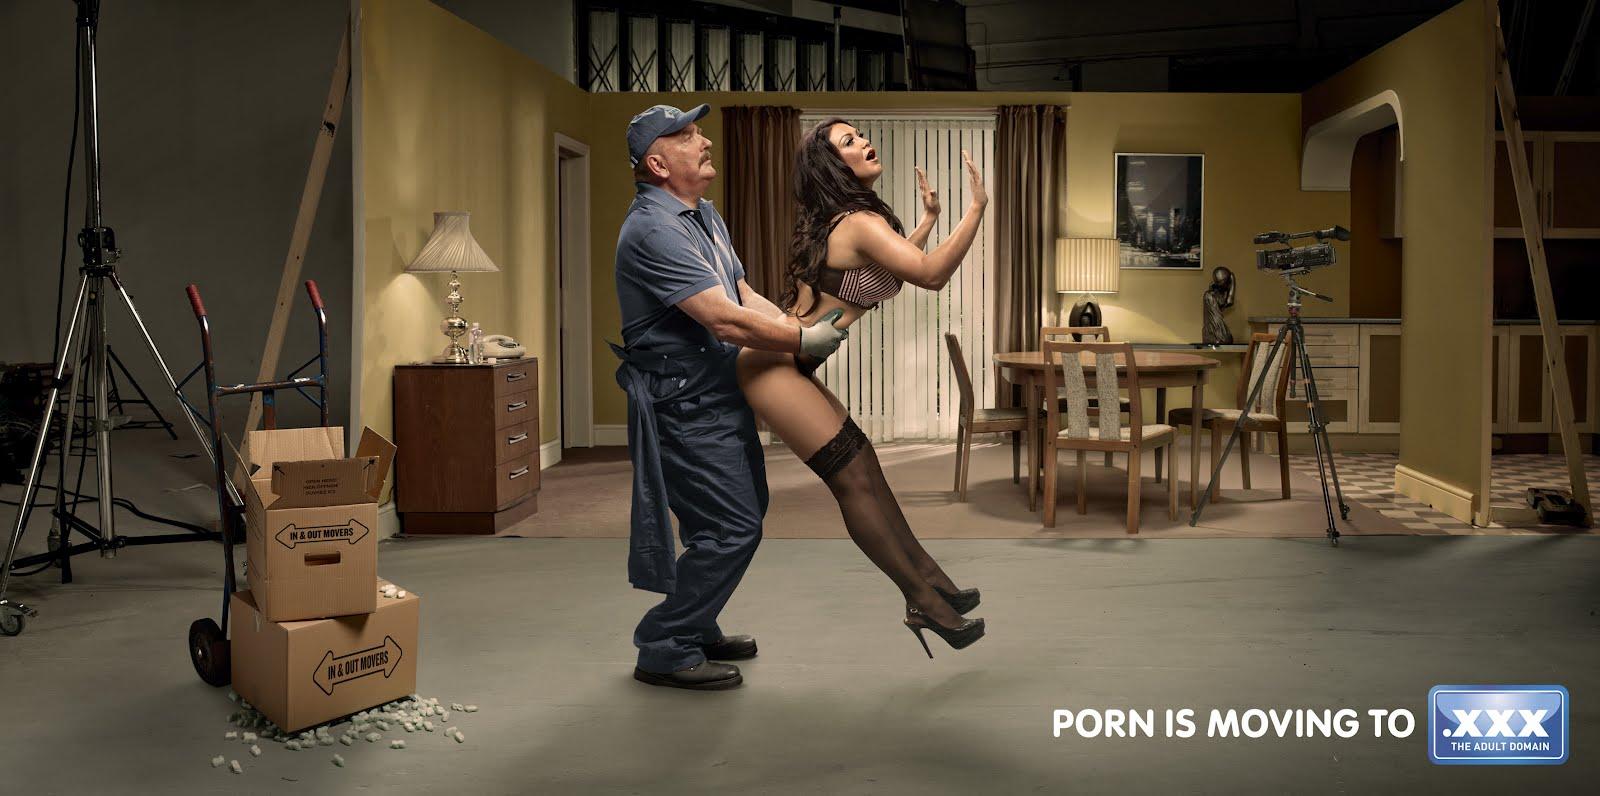 【エロ画像】海外のエロすぎる広告素材マジで丸出しすぎwwwコレは18禁やろwwwwwwwwwwww・23枚目